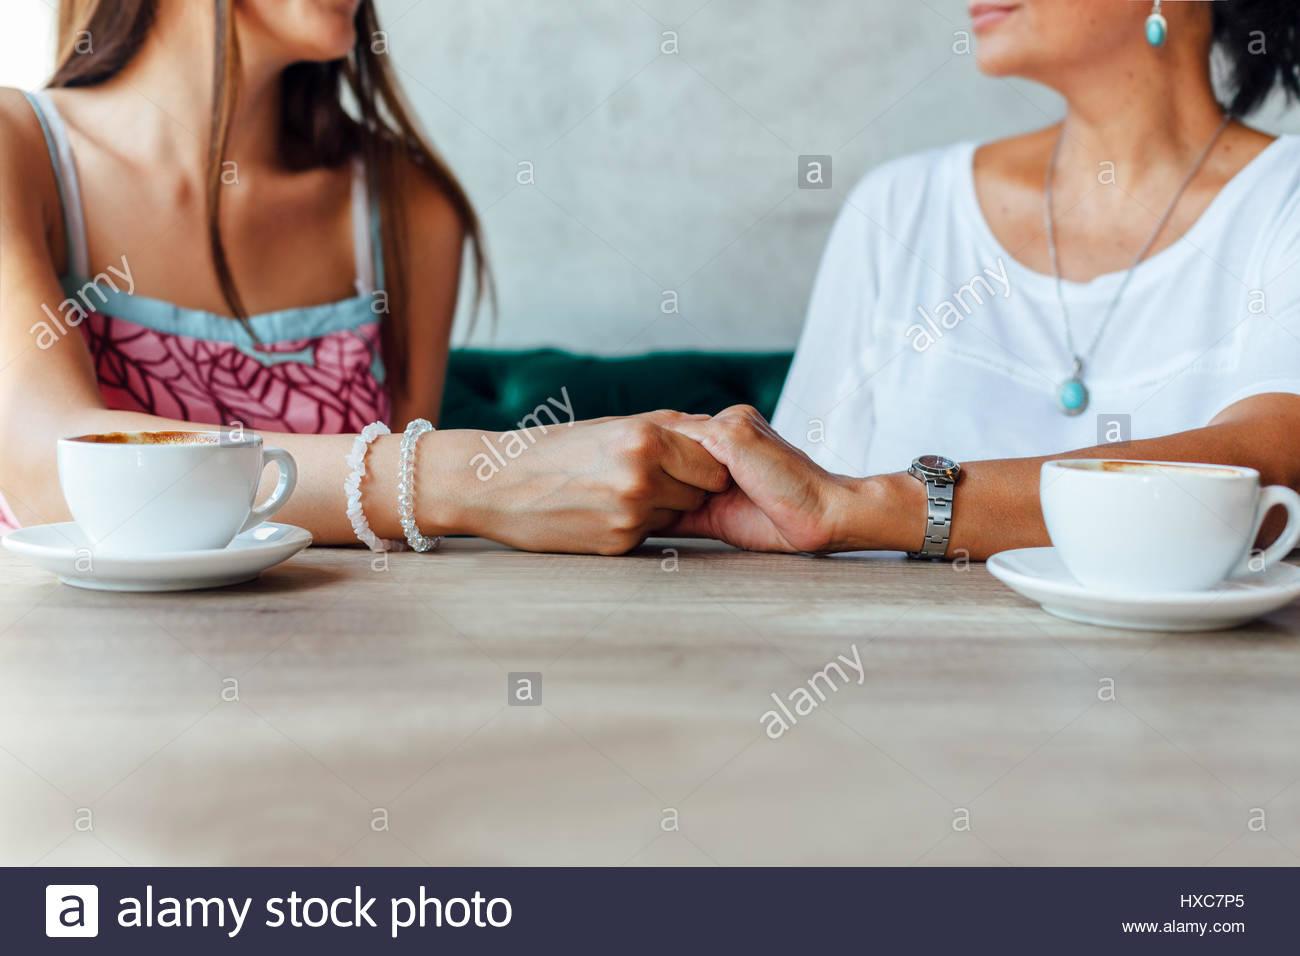 La tenerezza di madre e figlia dopo una tazza di caffè in un bar Immagini Stock